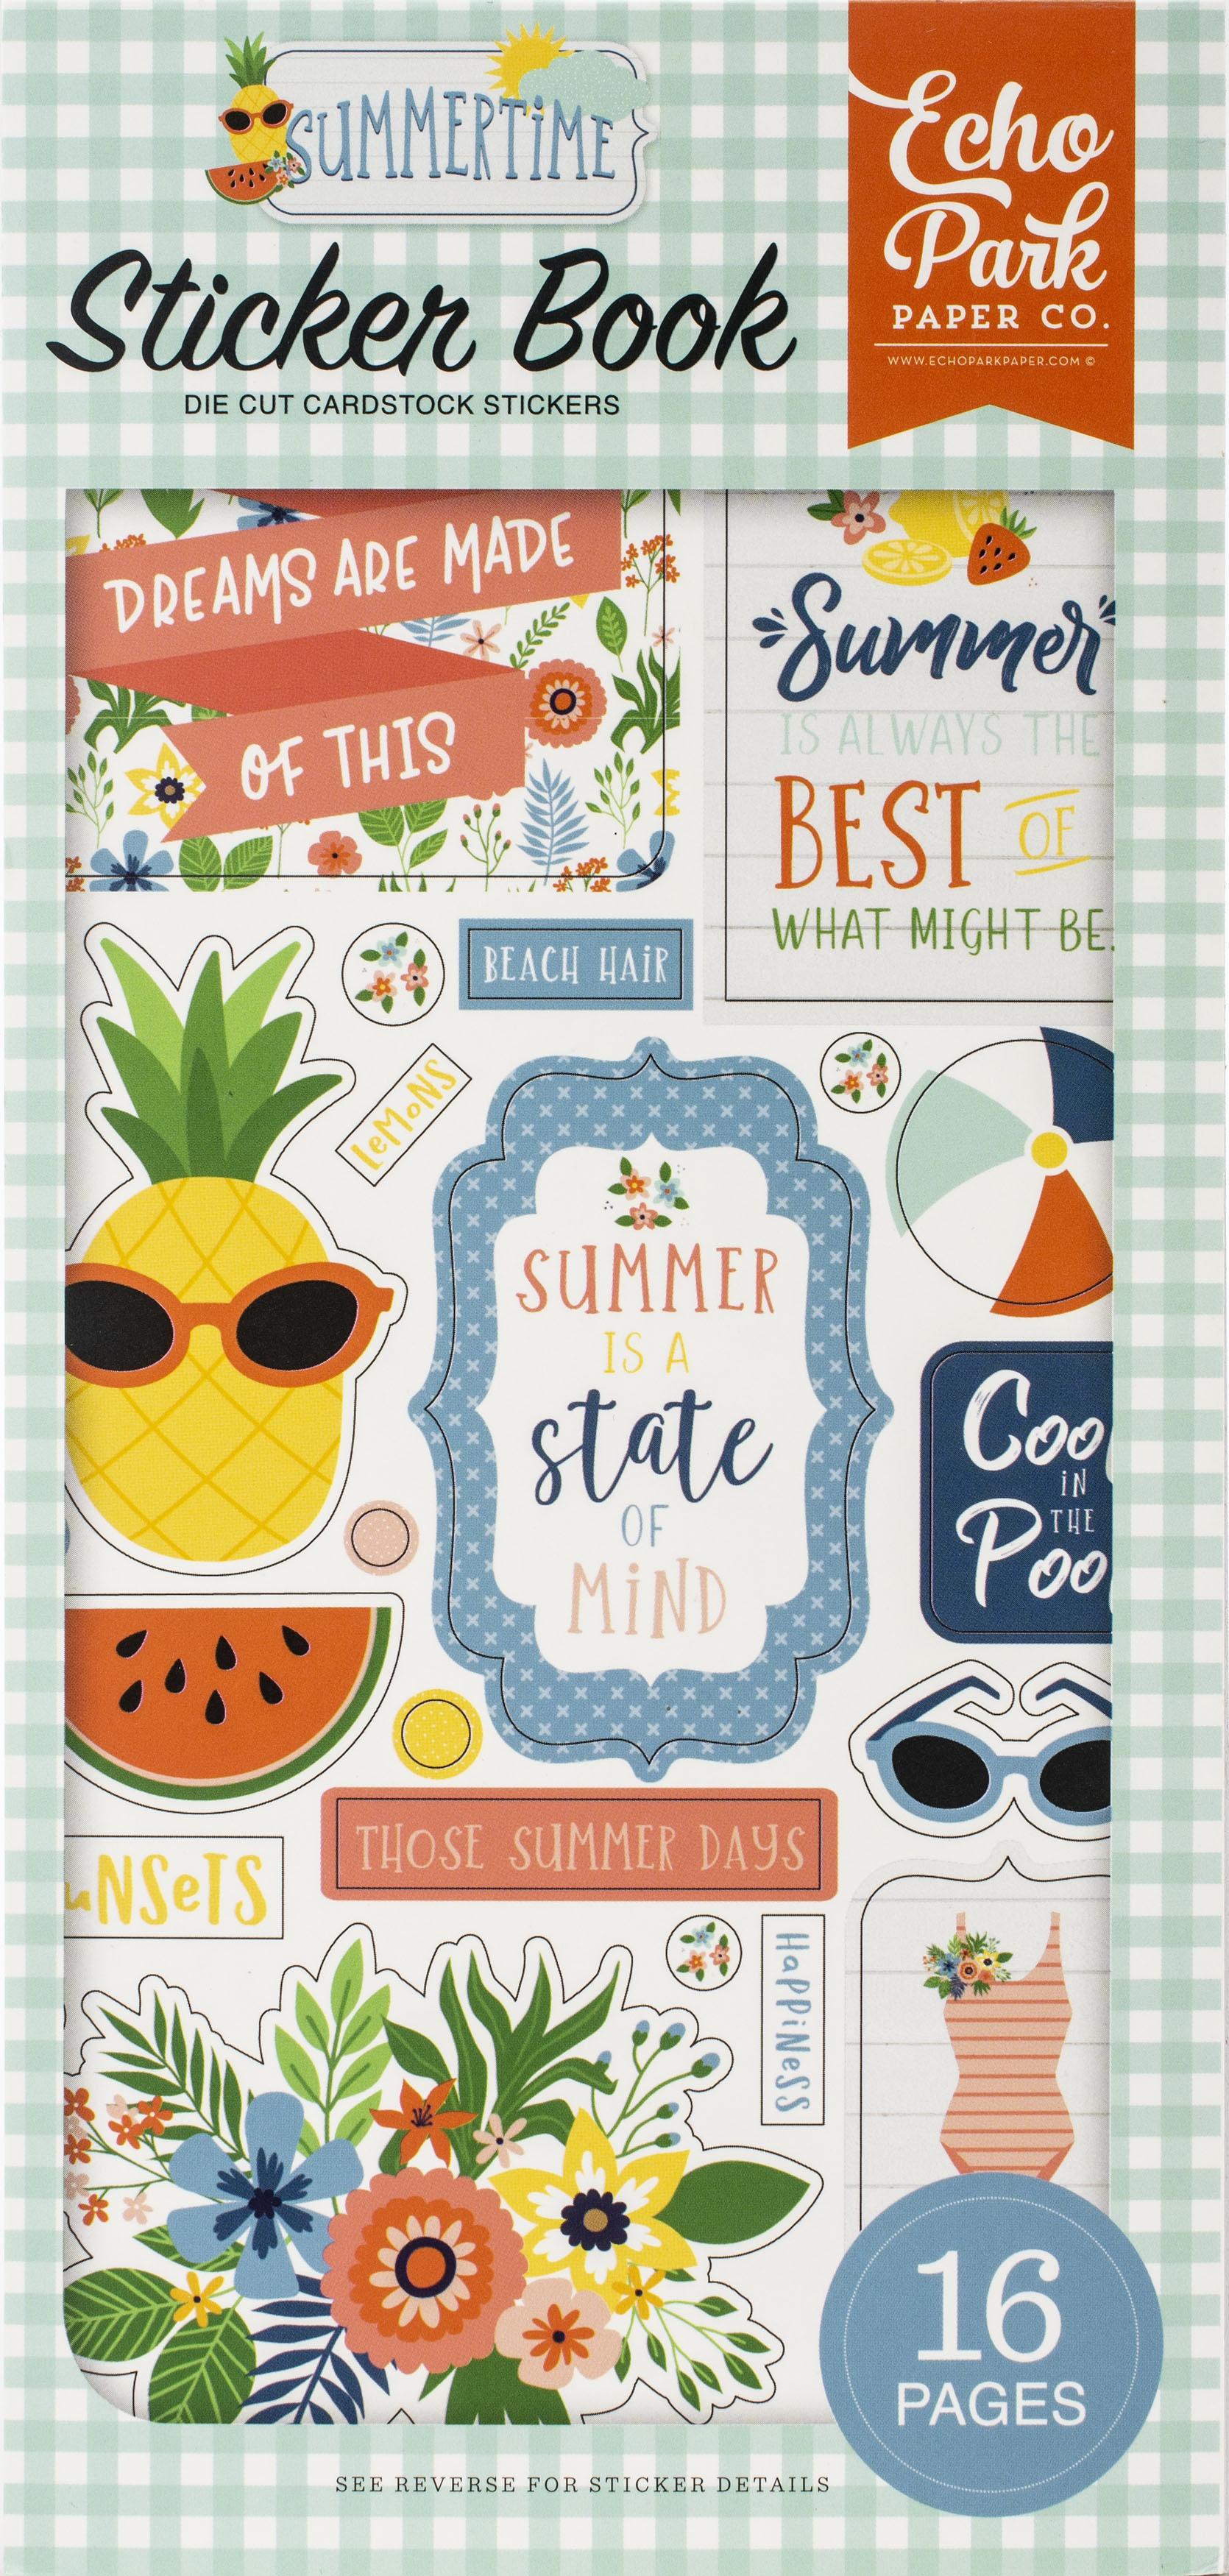 Echo Park Sticker Book-Summertime